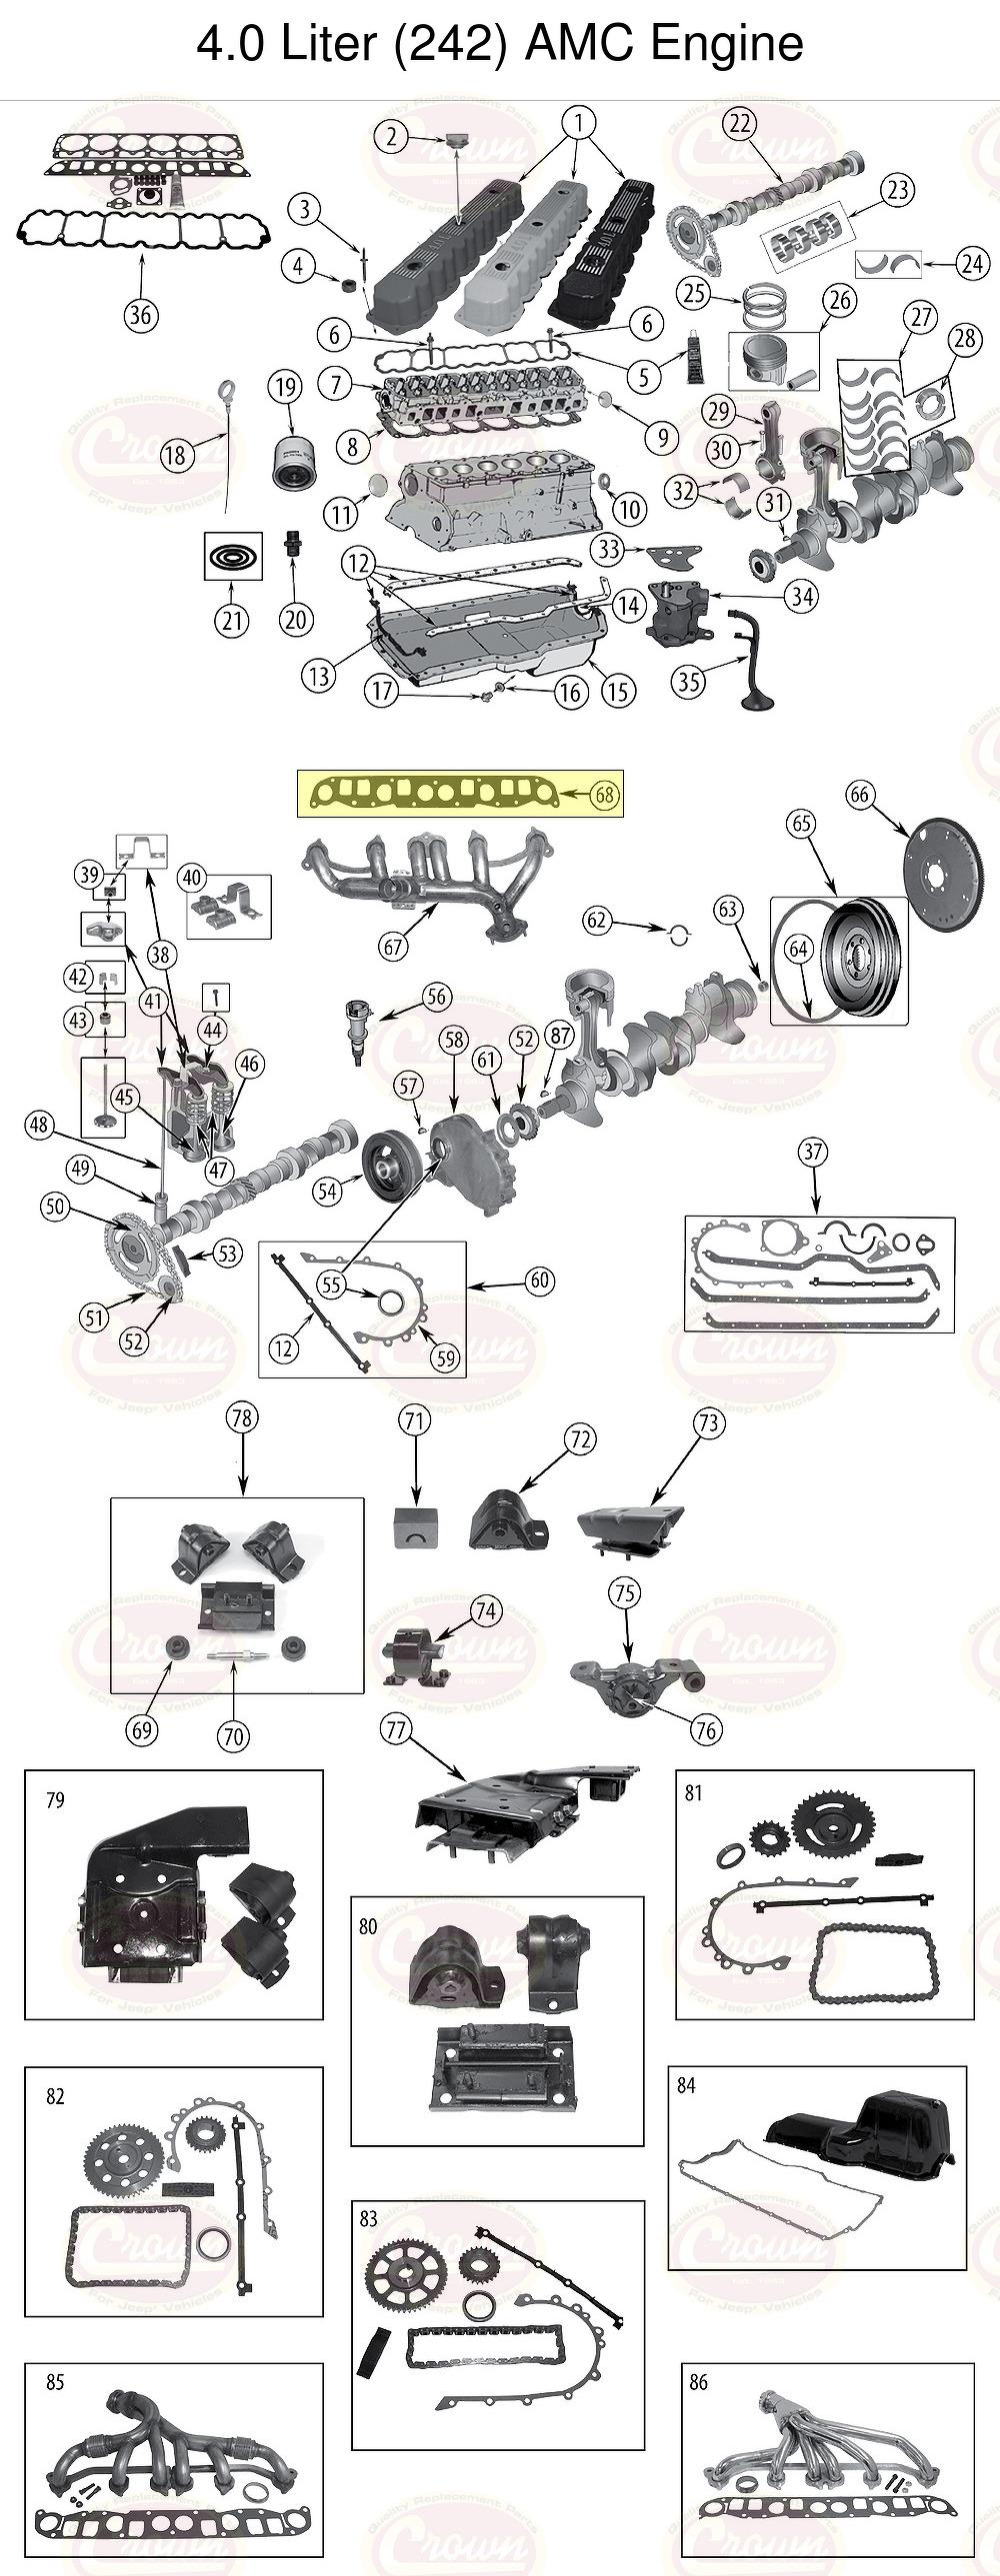 Dichtung Auspuffkrümmer Jeep Cherokee XJ 2000/2001 (4.0 L